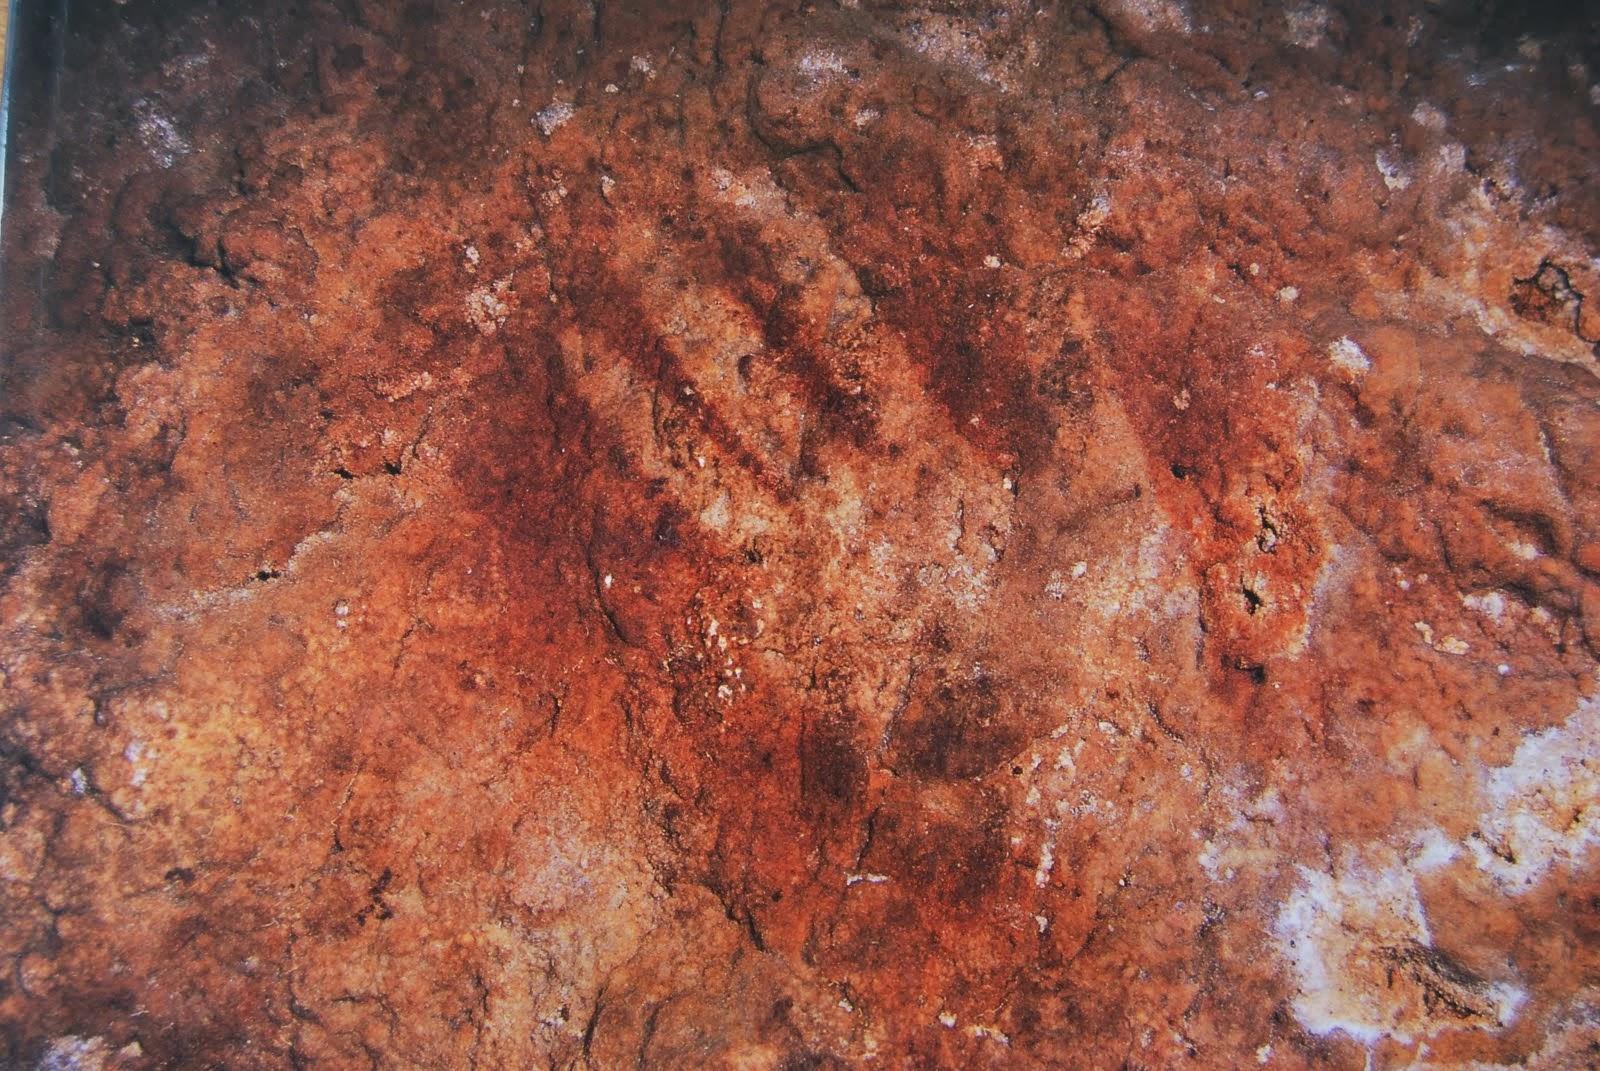 Maltravieso hand paintings